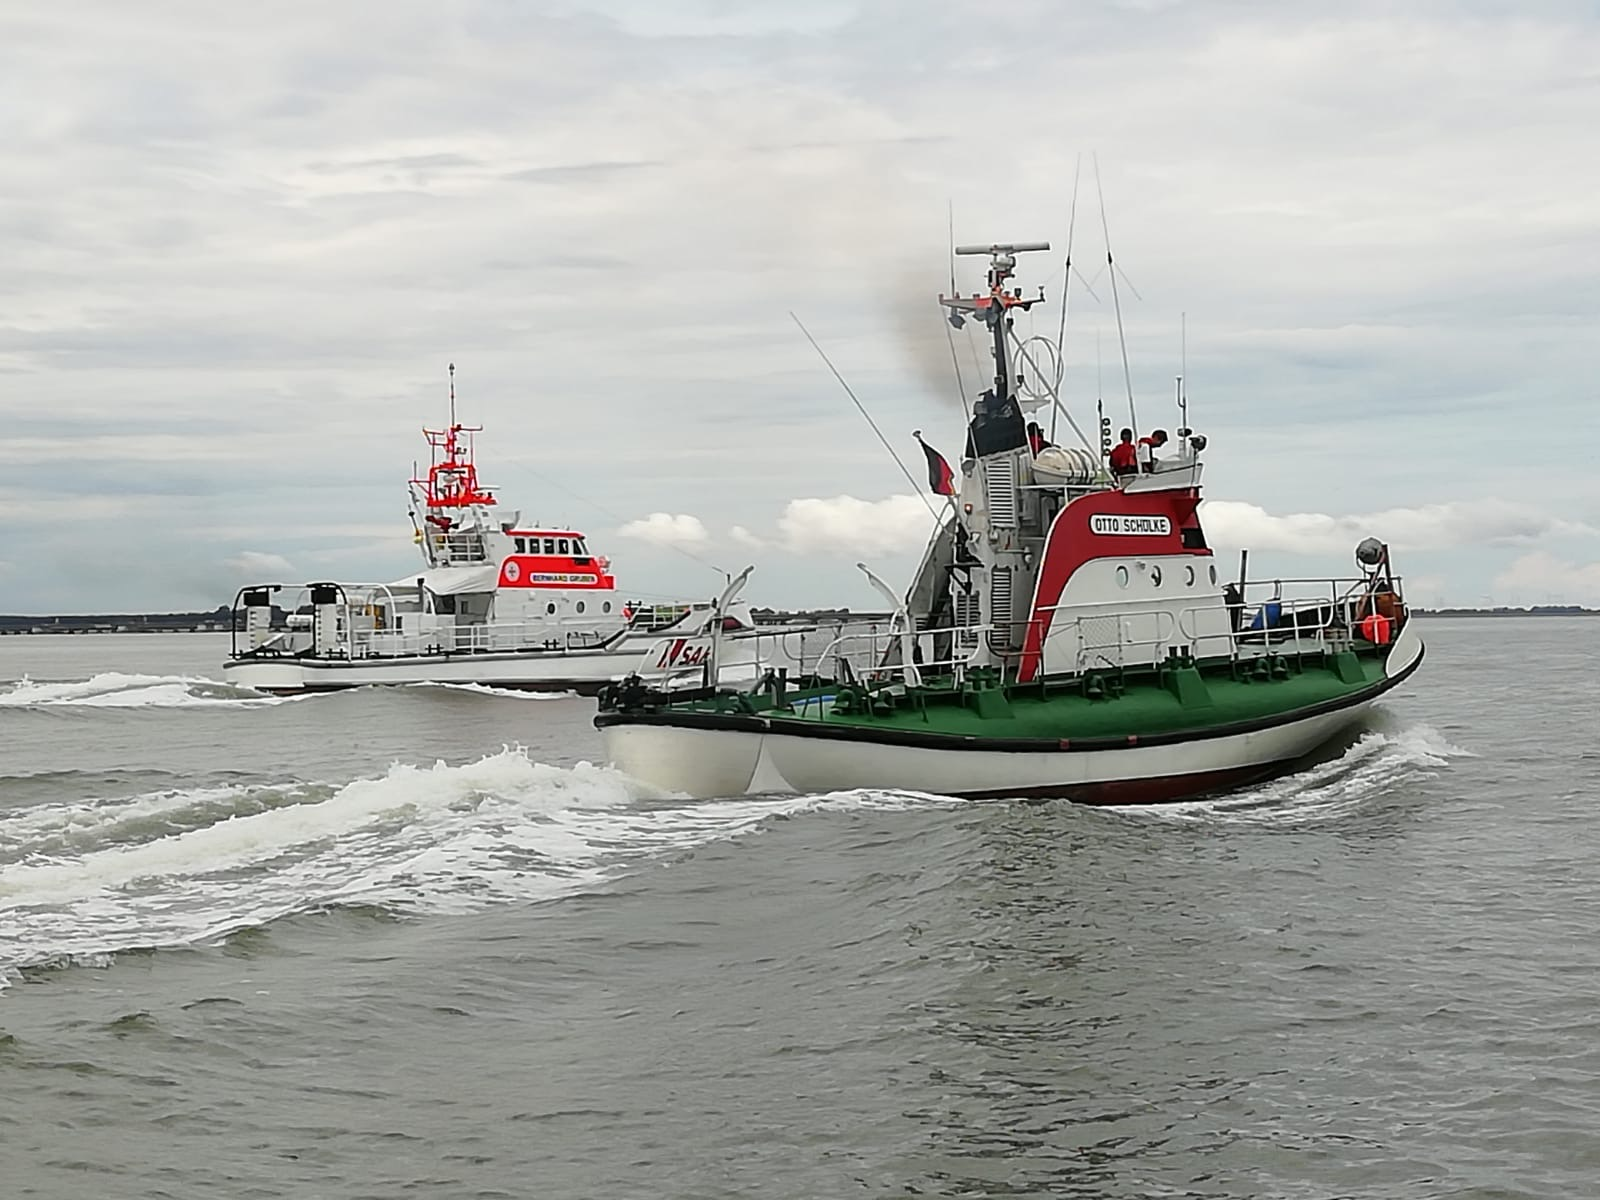 Probefahrt von Bremerhaven nach Hooksiel